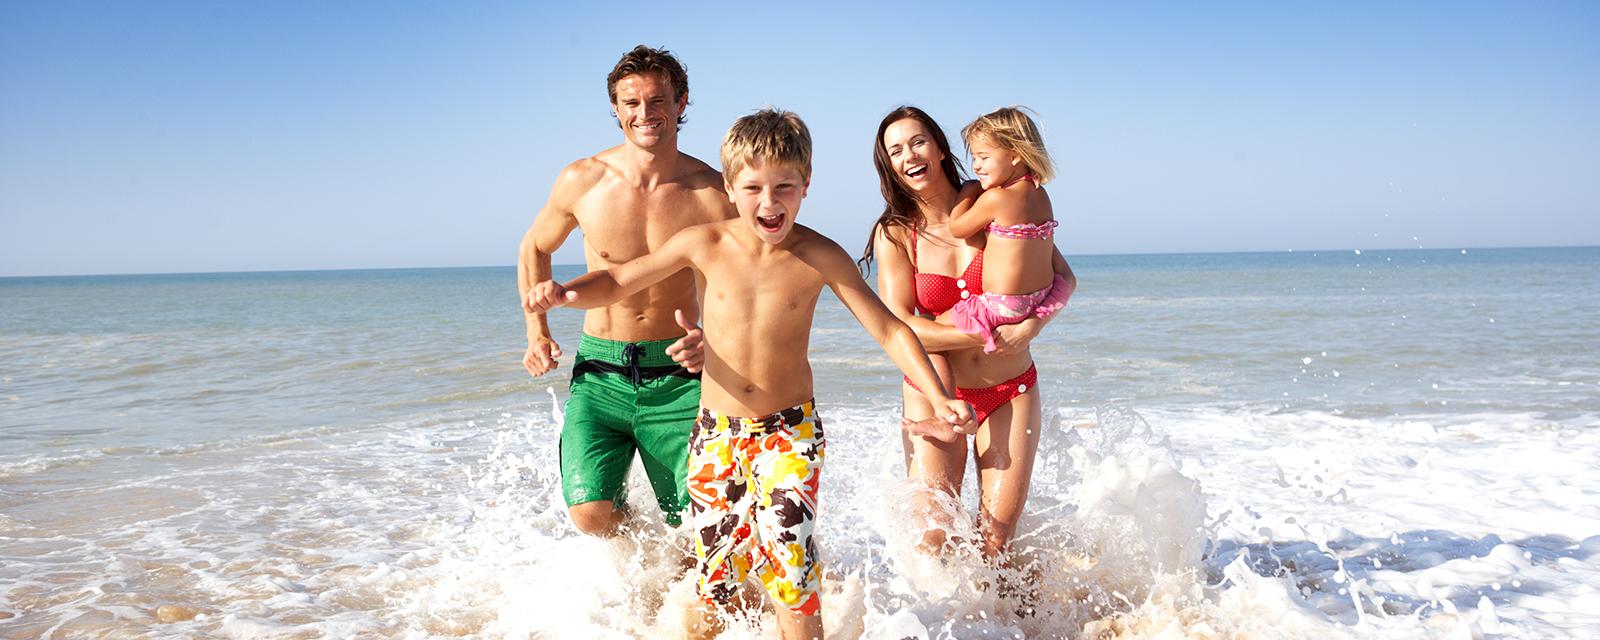 Картинки семейный отдых летом